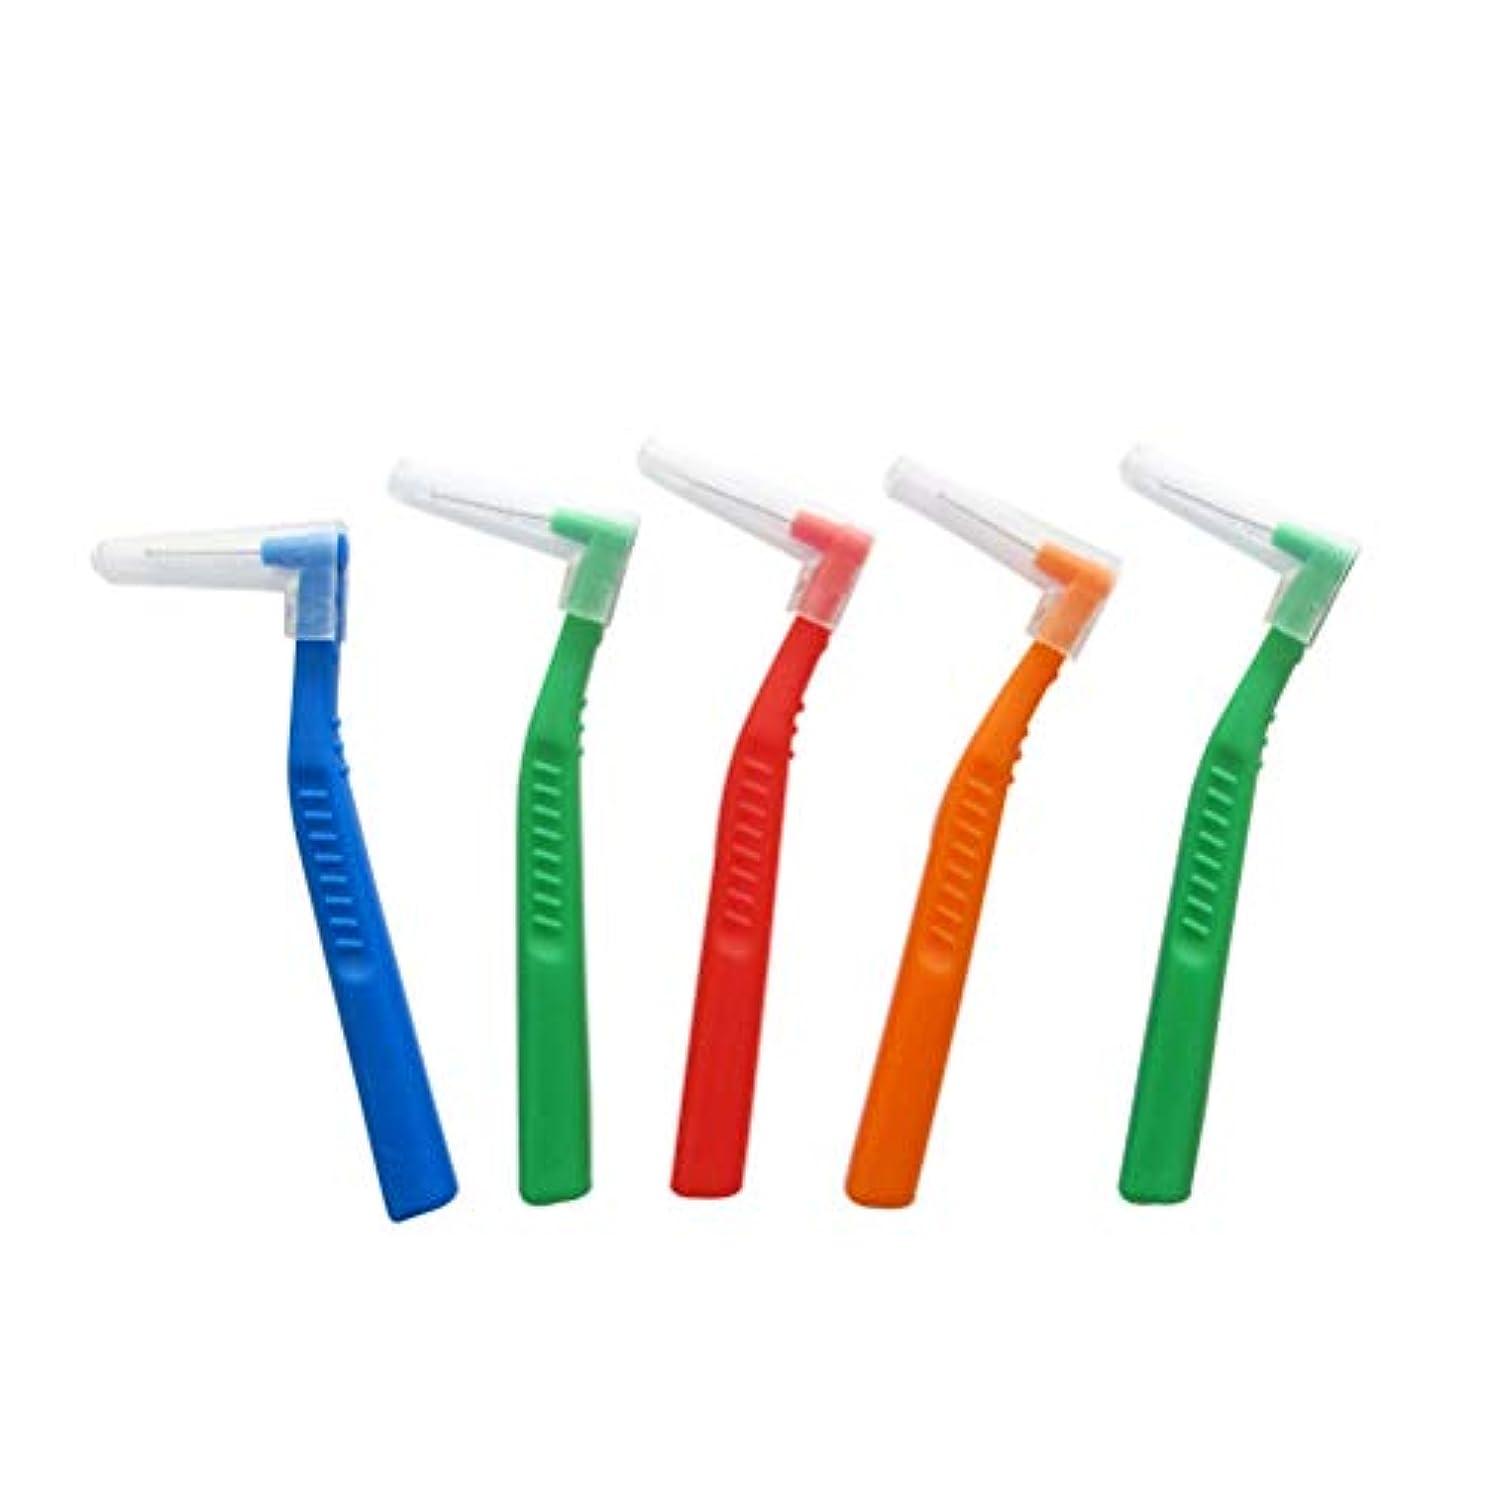 栄養反対リブSUPVOX 歯間ブラシ クリーナー l字型 歯間清掃 歯科 口腔ケアツール 5本入(ランダムカラー)